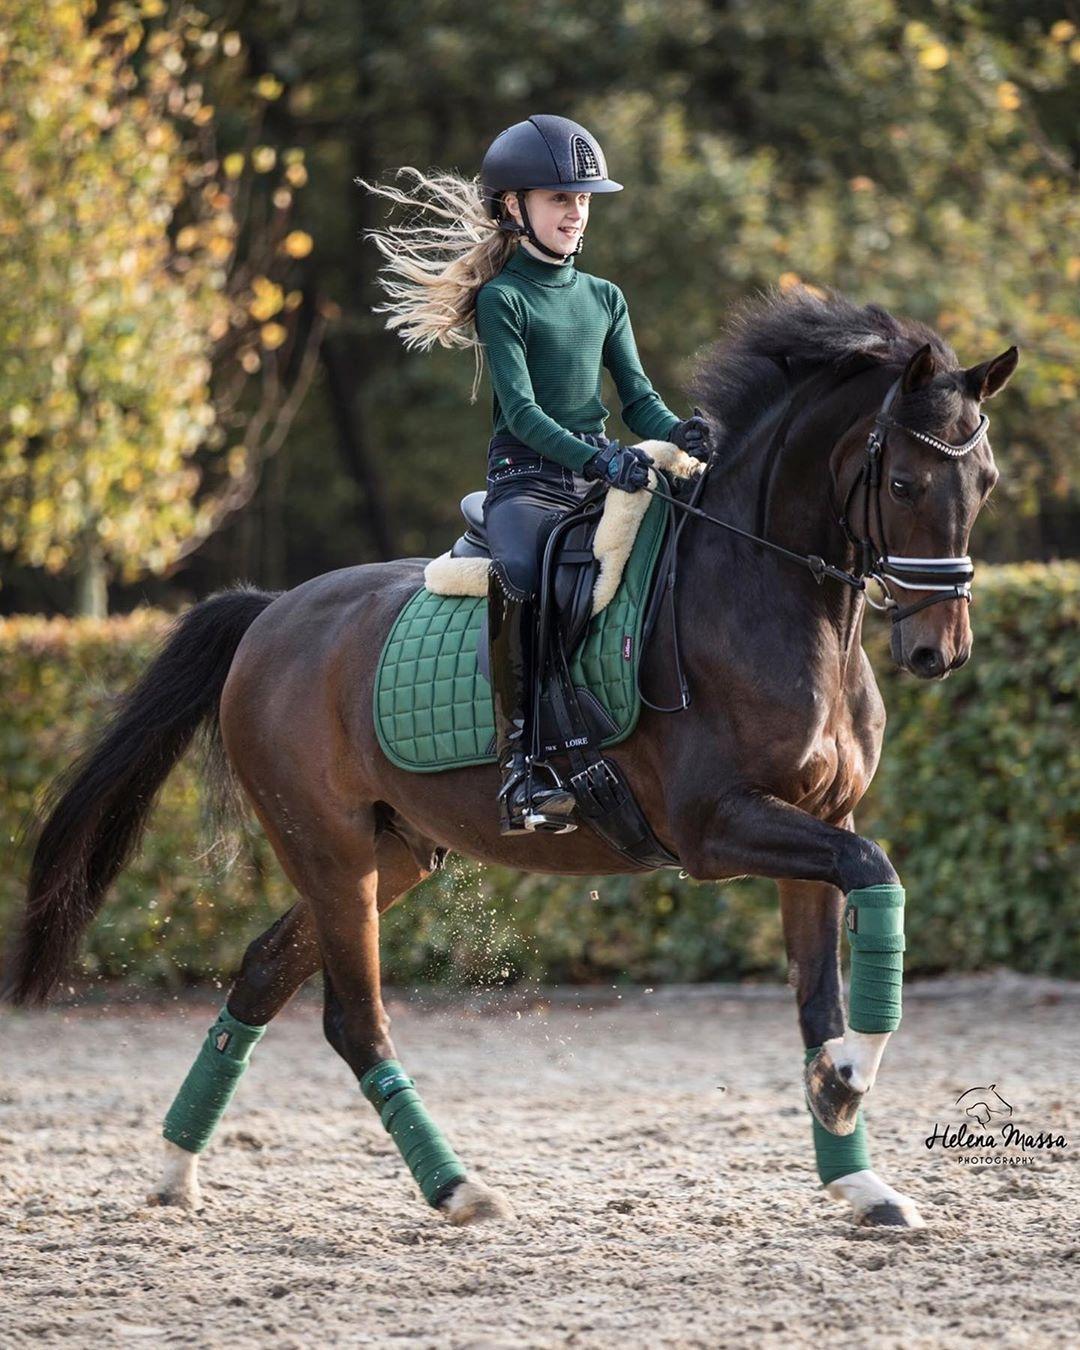 Pin Von L A U R A Auf C U T E H O R S E S In 2020 Pferde Fotografie Pferde Pferdefotografie